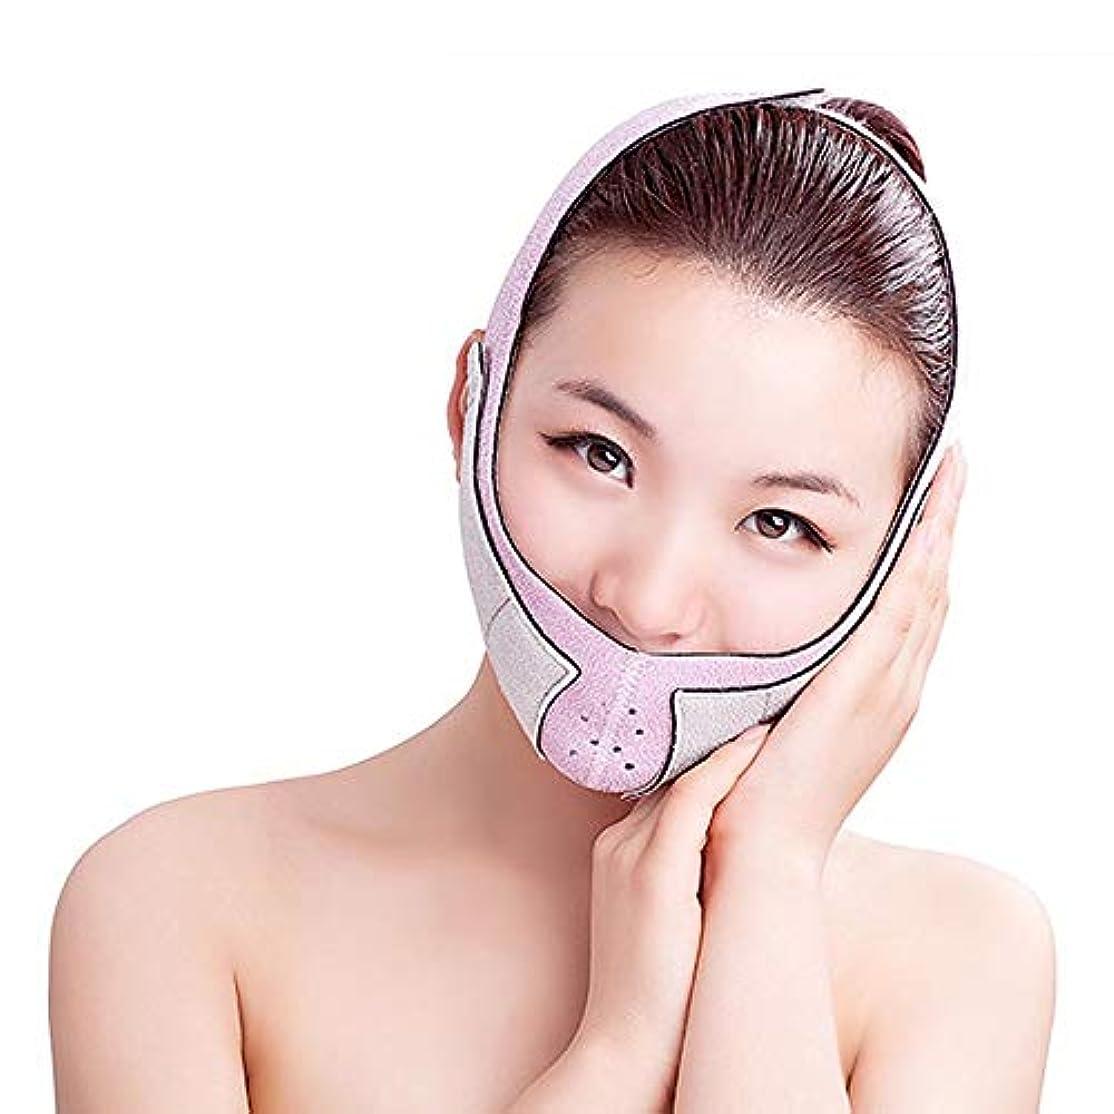 アレイ空白意志に反する薄い顔のベルト - 薄い顔のベルト通気性の補正3D薄い顔のV顔のベルトの包帯薄い顔のアーティファクト (色 : B)